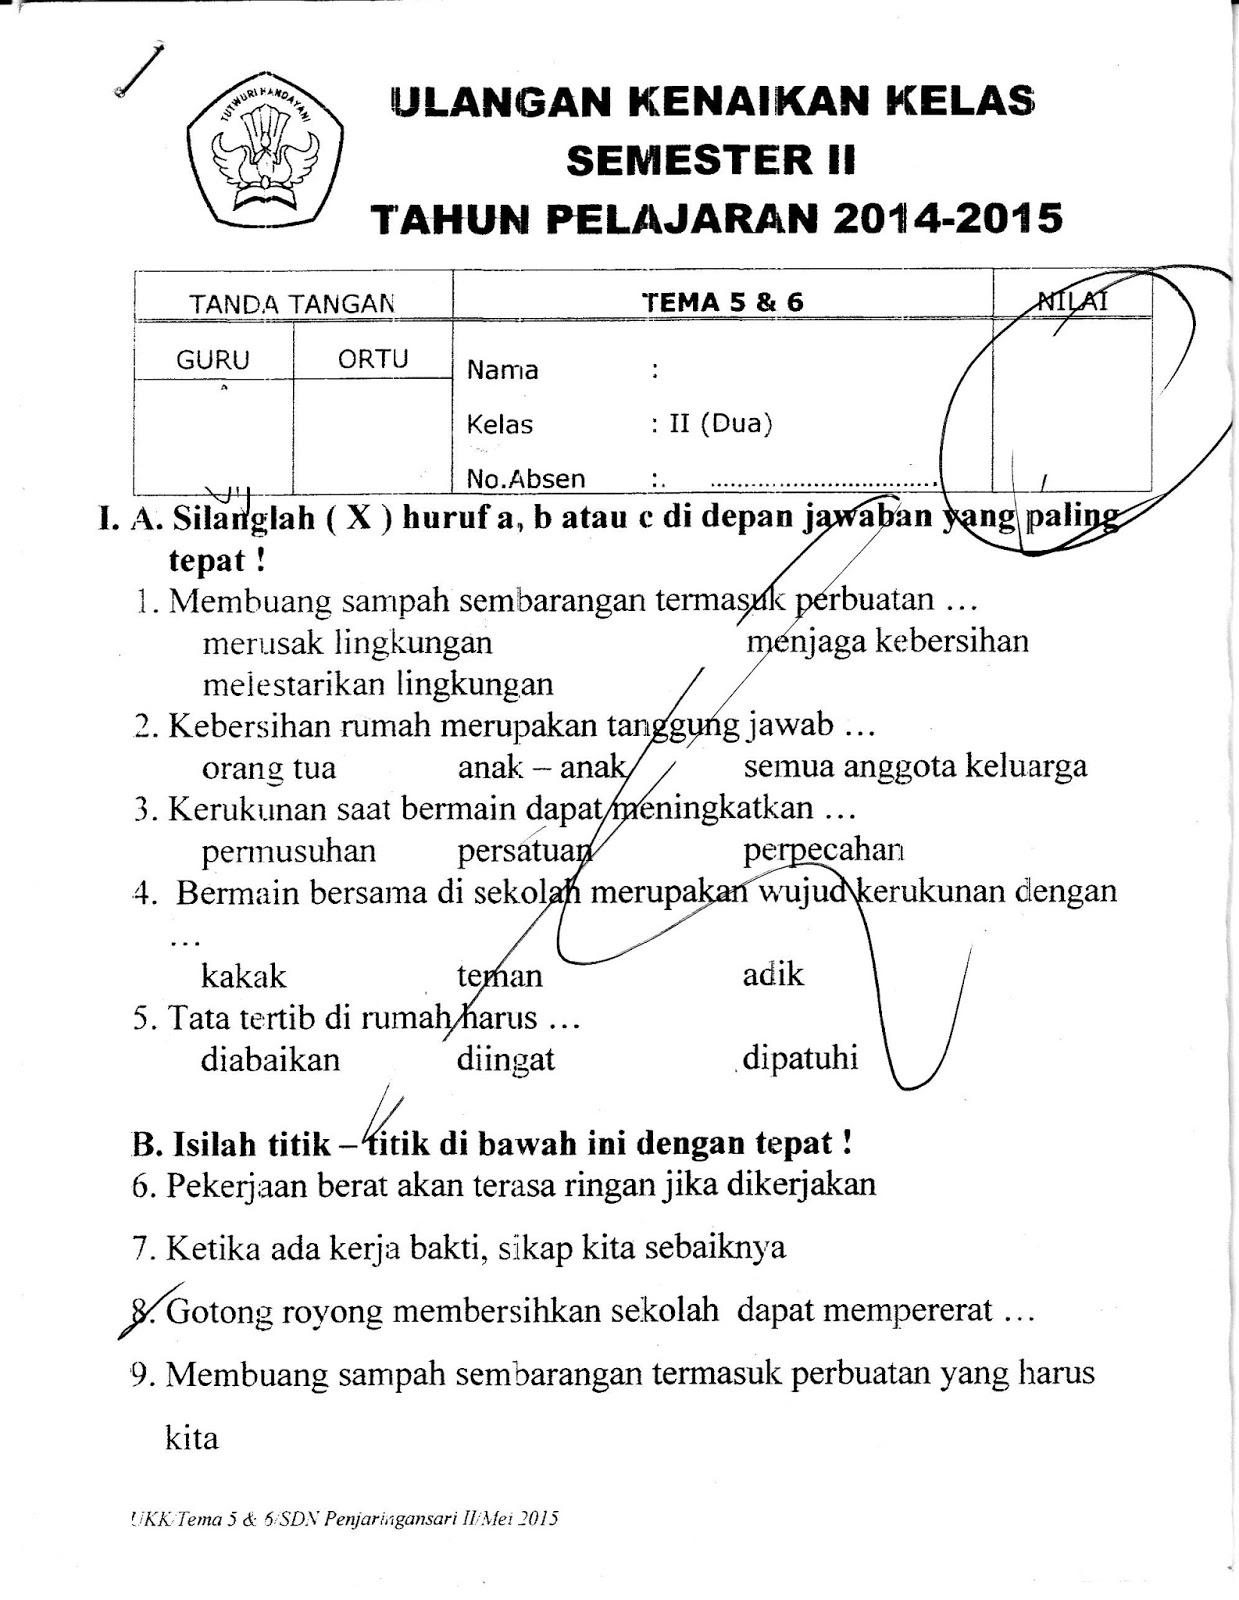 Ragam Budaya Nusantara Soal Ukk Tematik Kelas 2 Tema 5 Dan 6 Semester 2